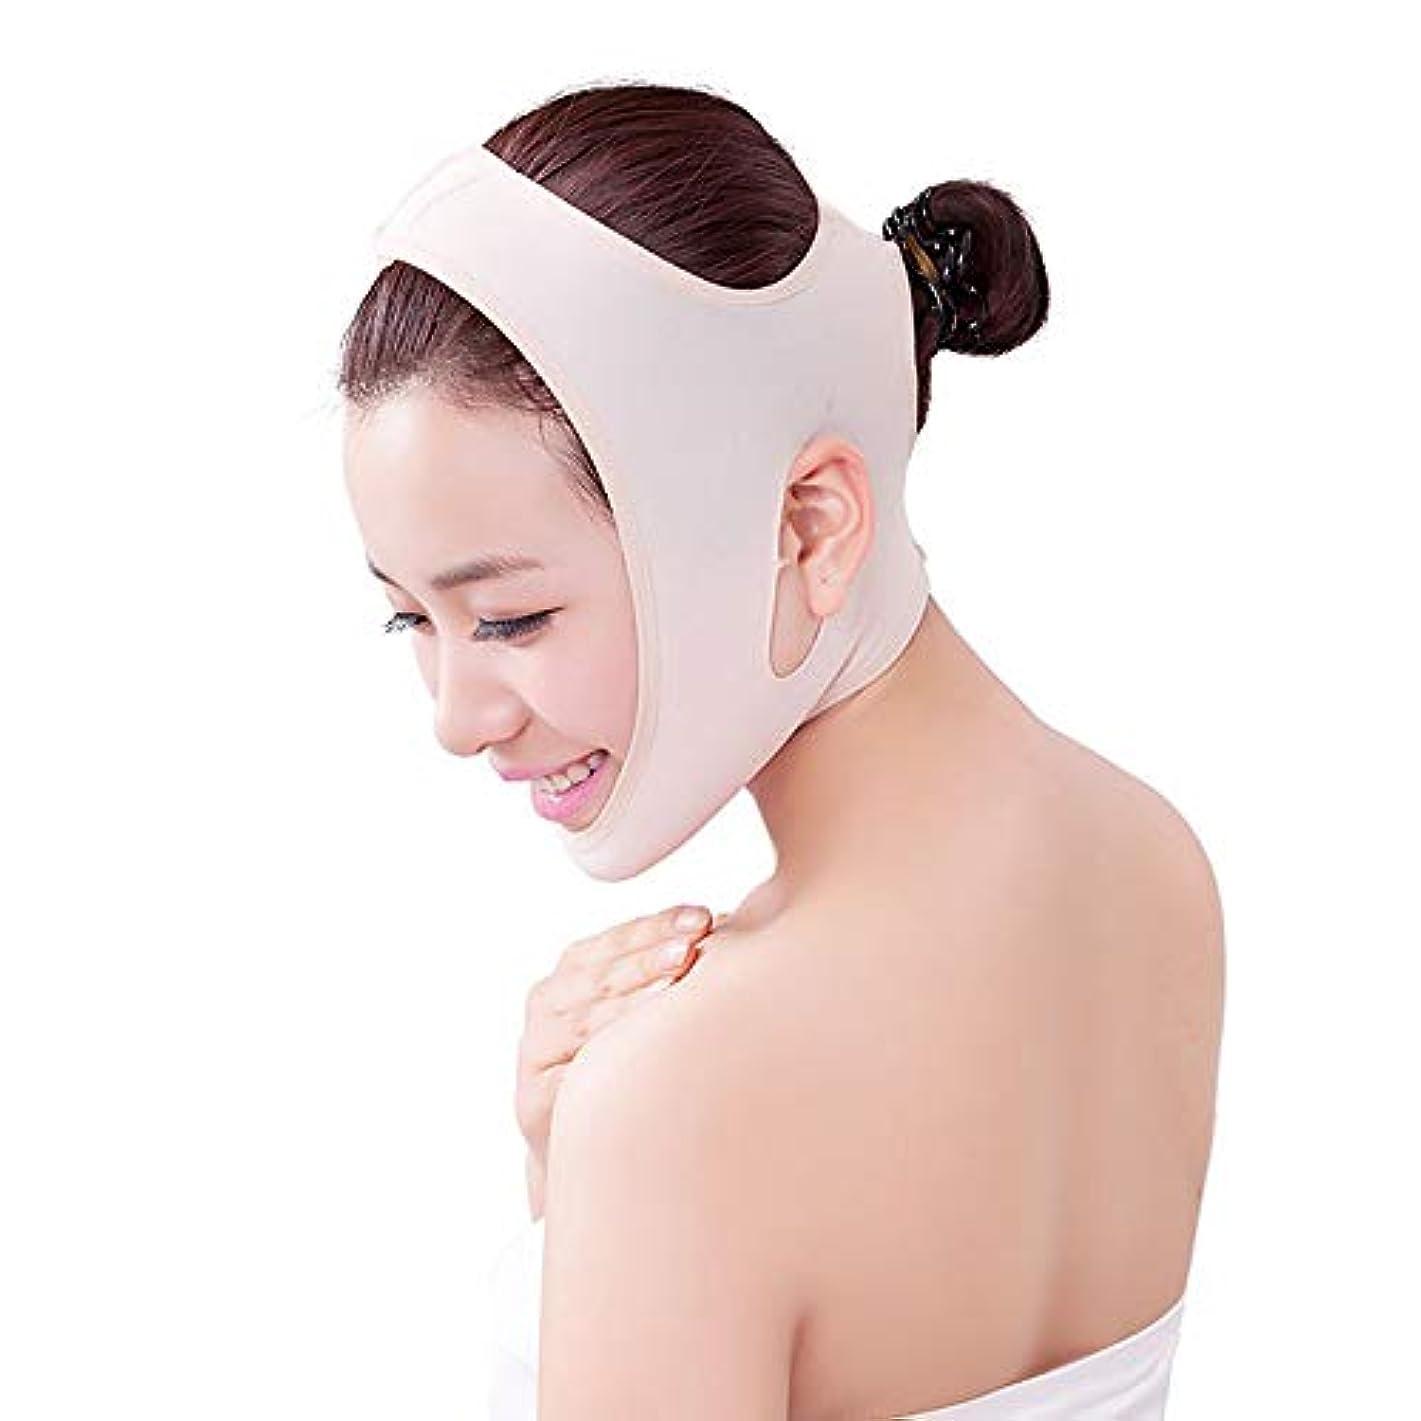 GYZ 顔の持ち上がる痩身ベルト - アンチエイジングリンクルフェイスマスクベルトあなたの顔のためのすばらしい試し二重あごの試し Thin Face Belt (Size : L)